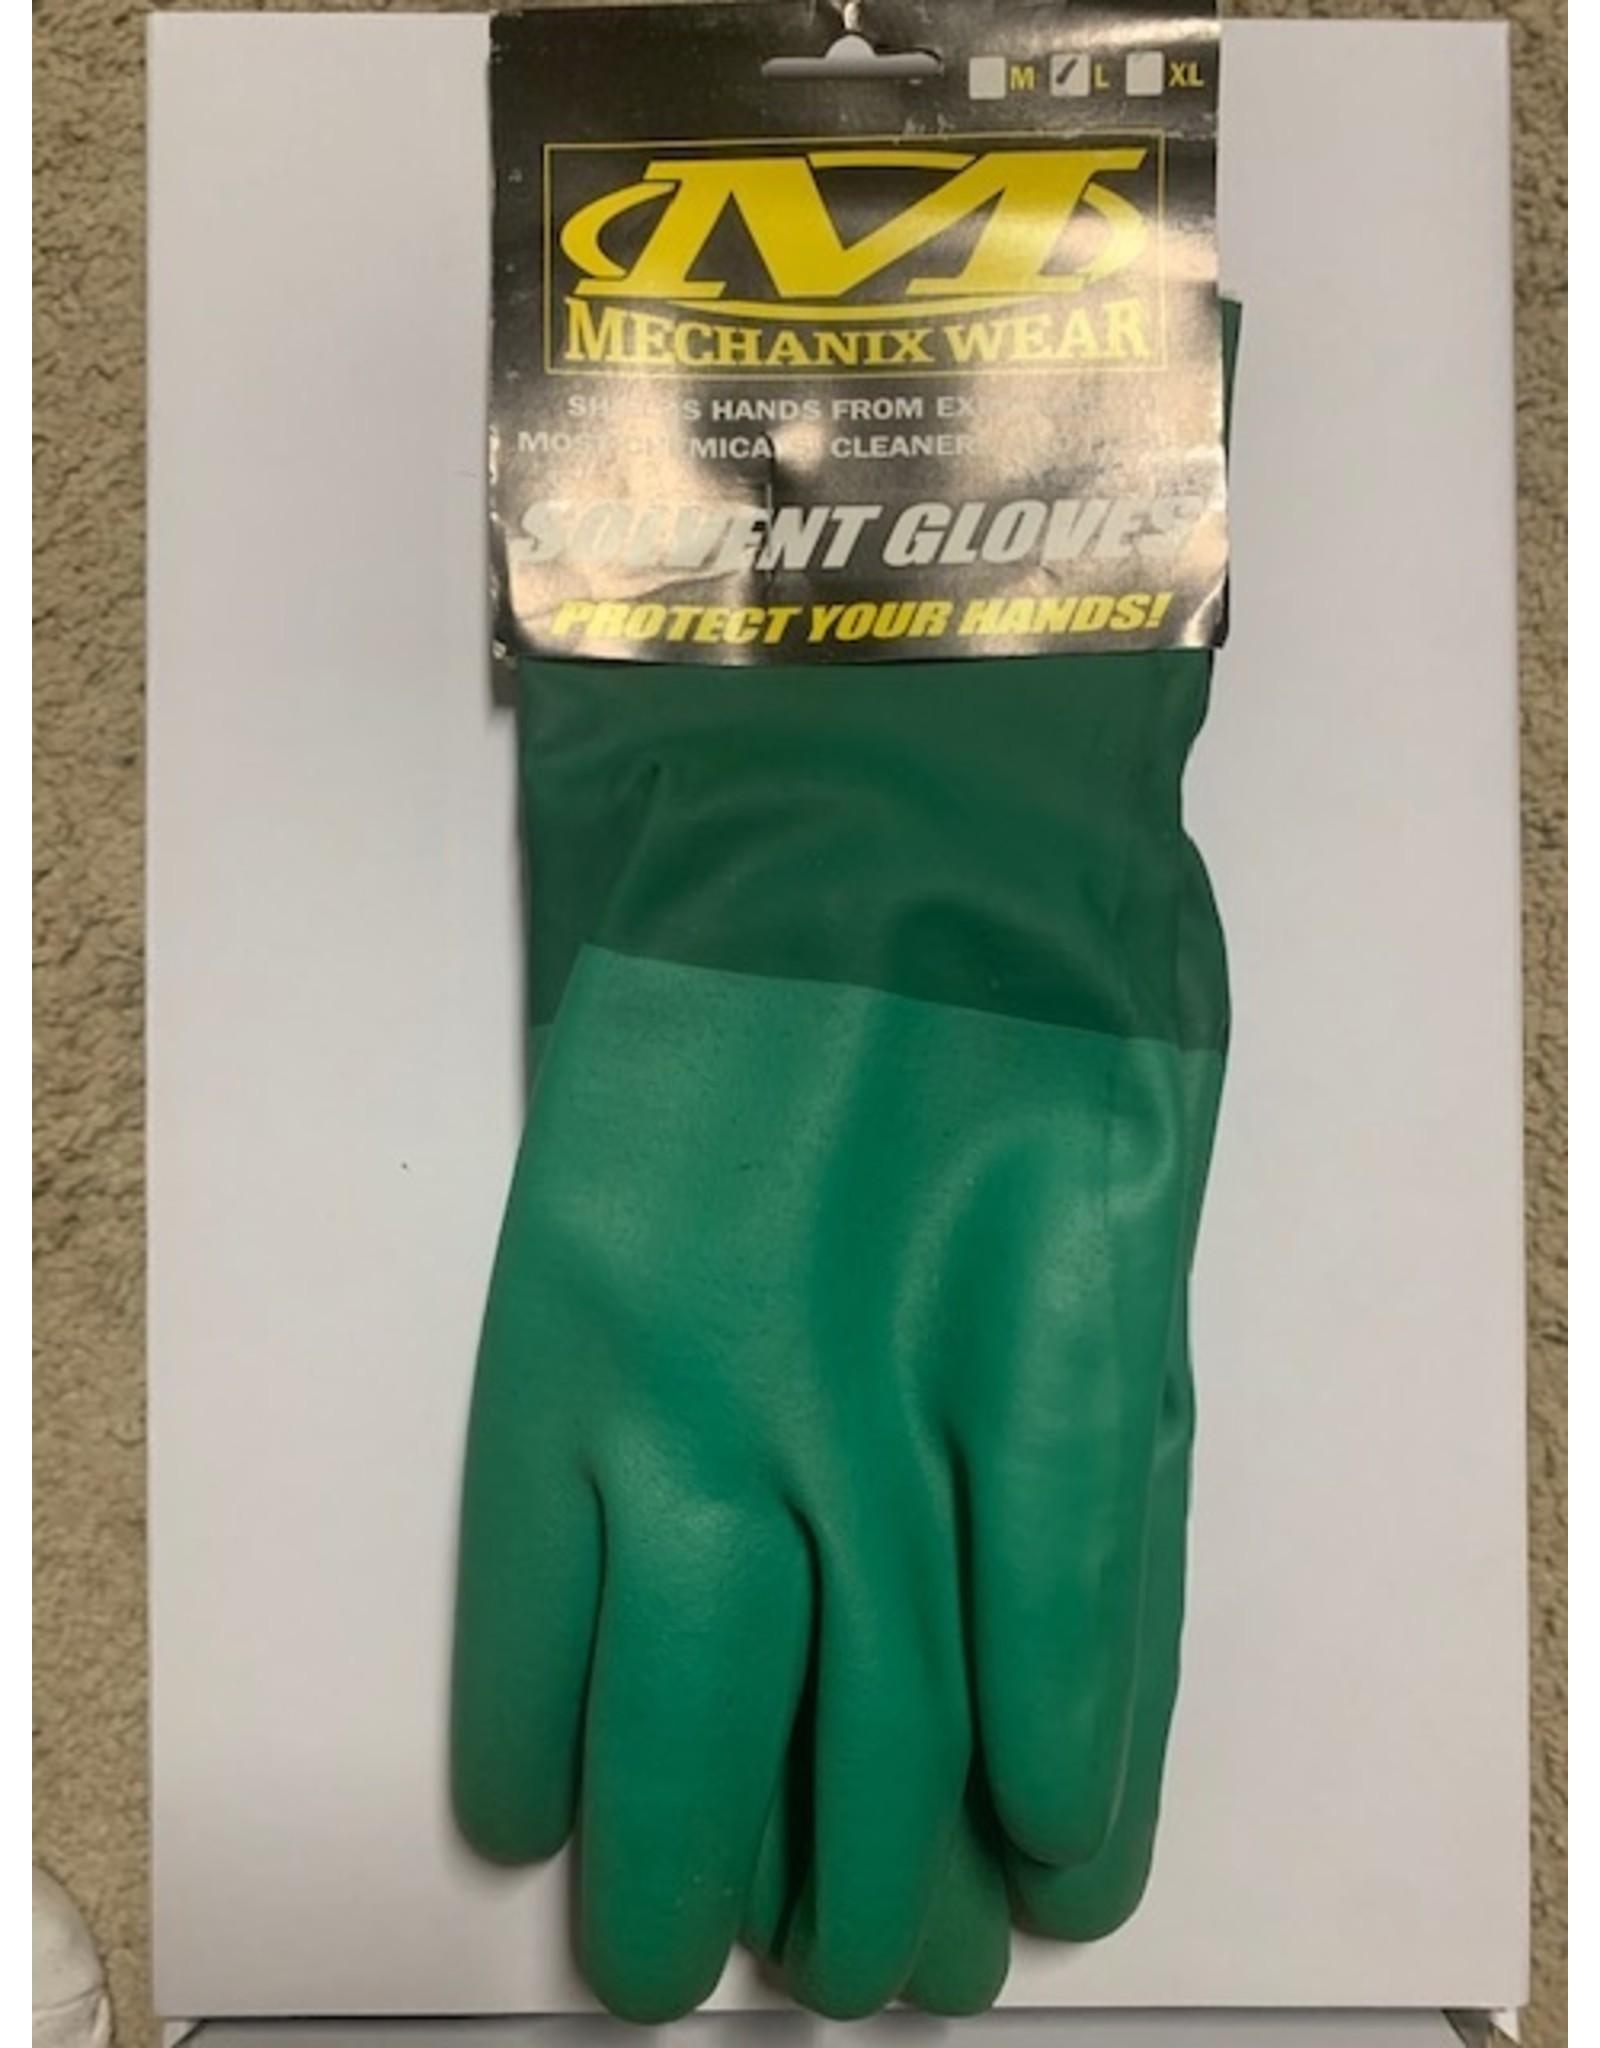 Mechanix Wear Mechanix Wear Solvent Glove